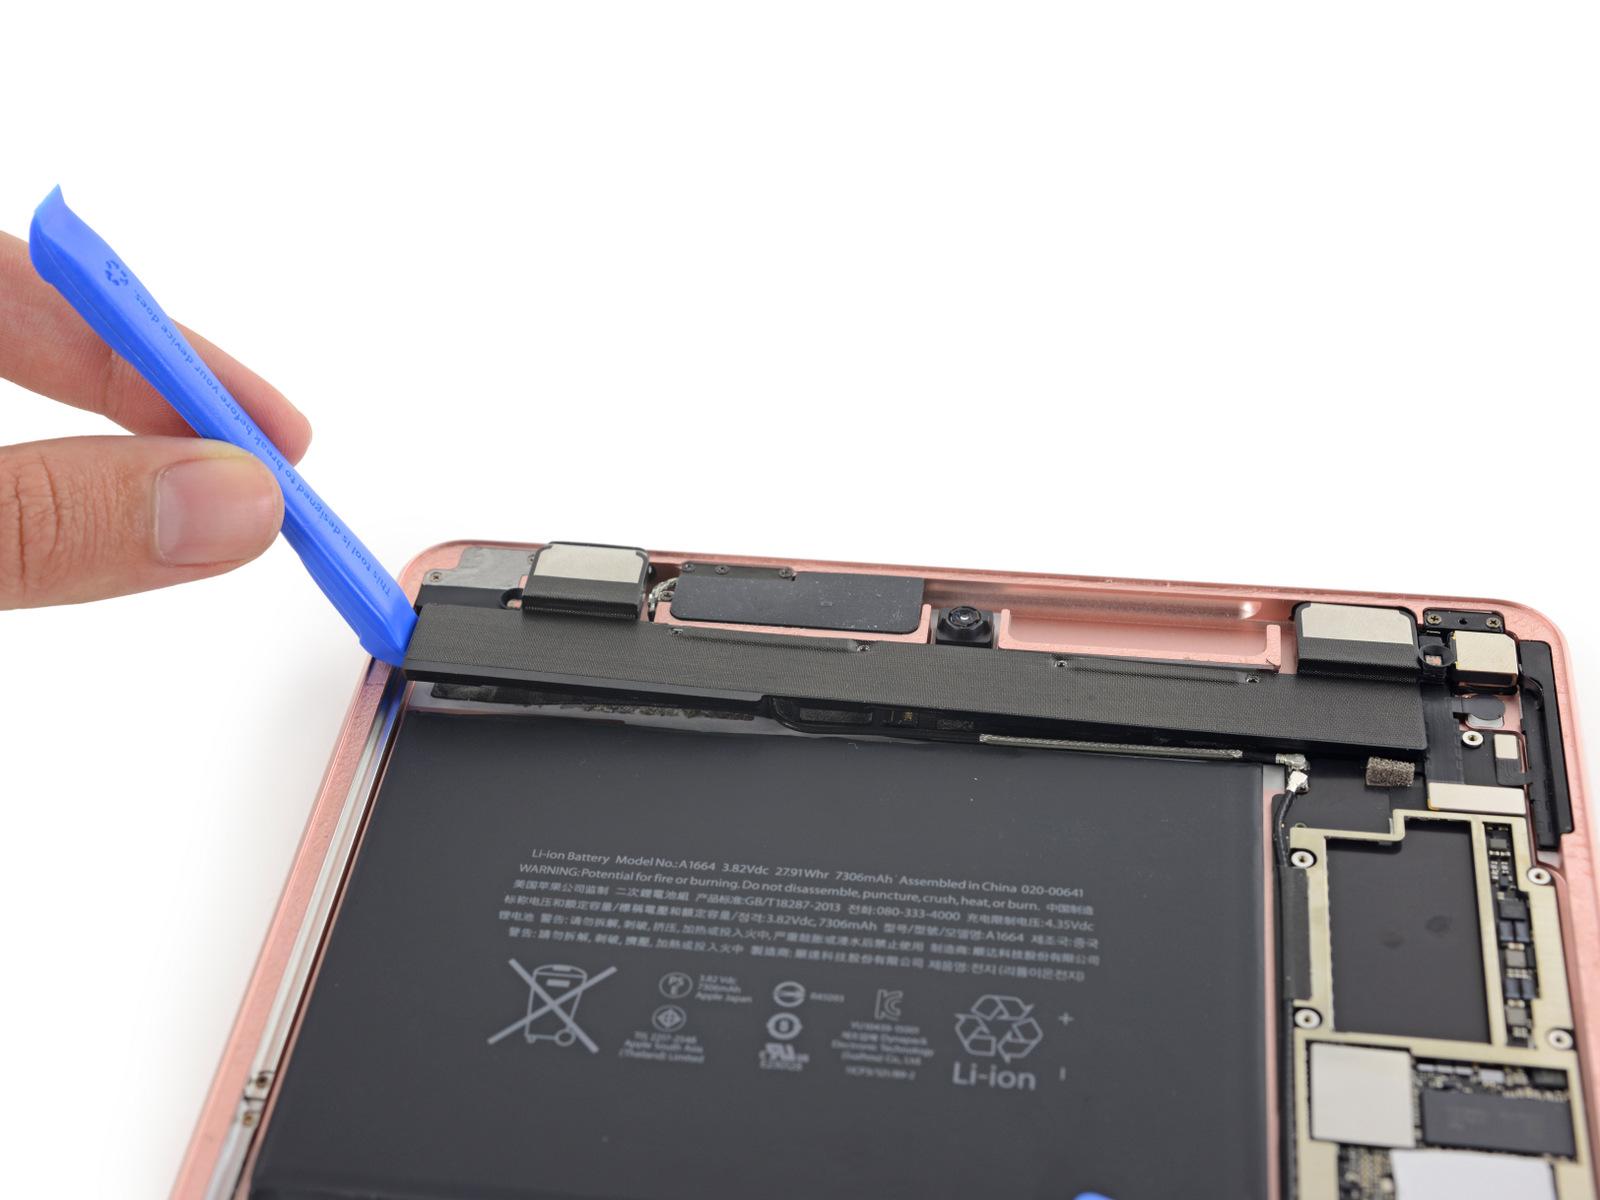 Mang máy tính bảng đến trung tâm uy tín để khắc phục lỗi